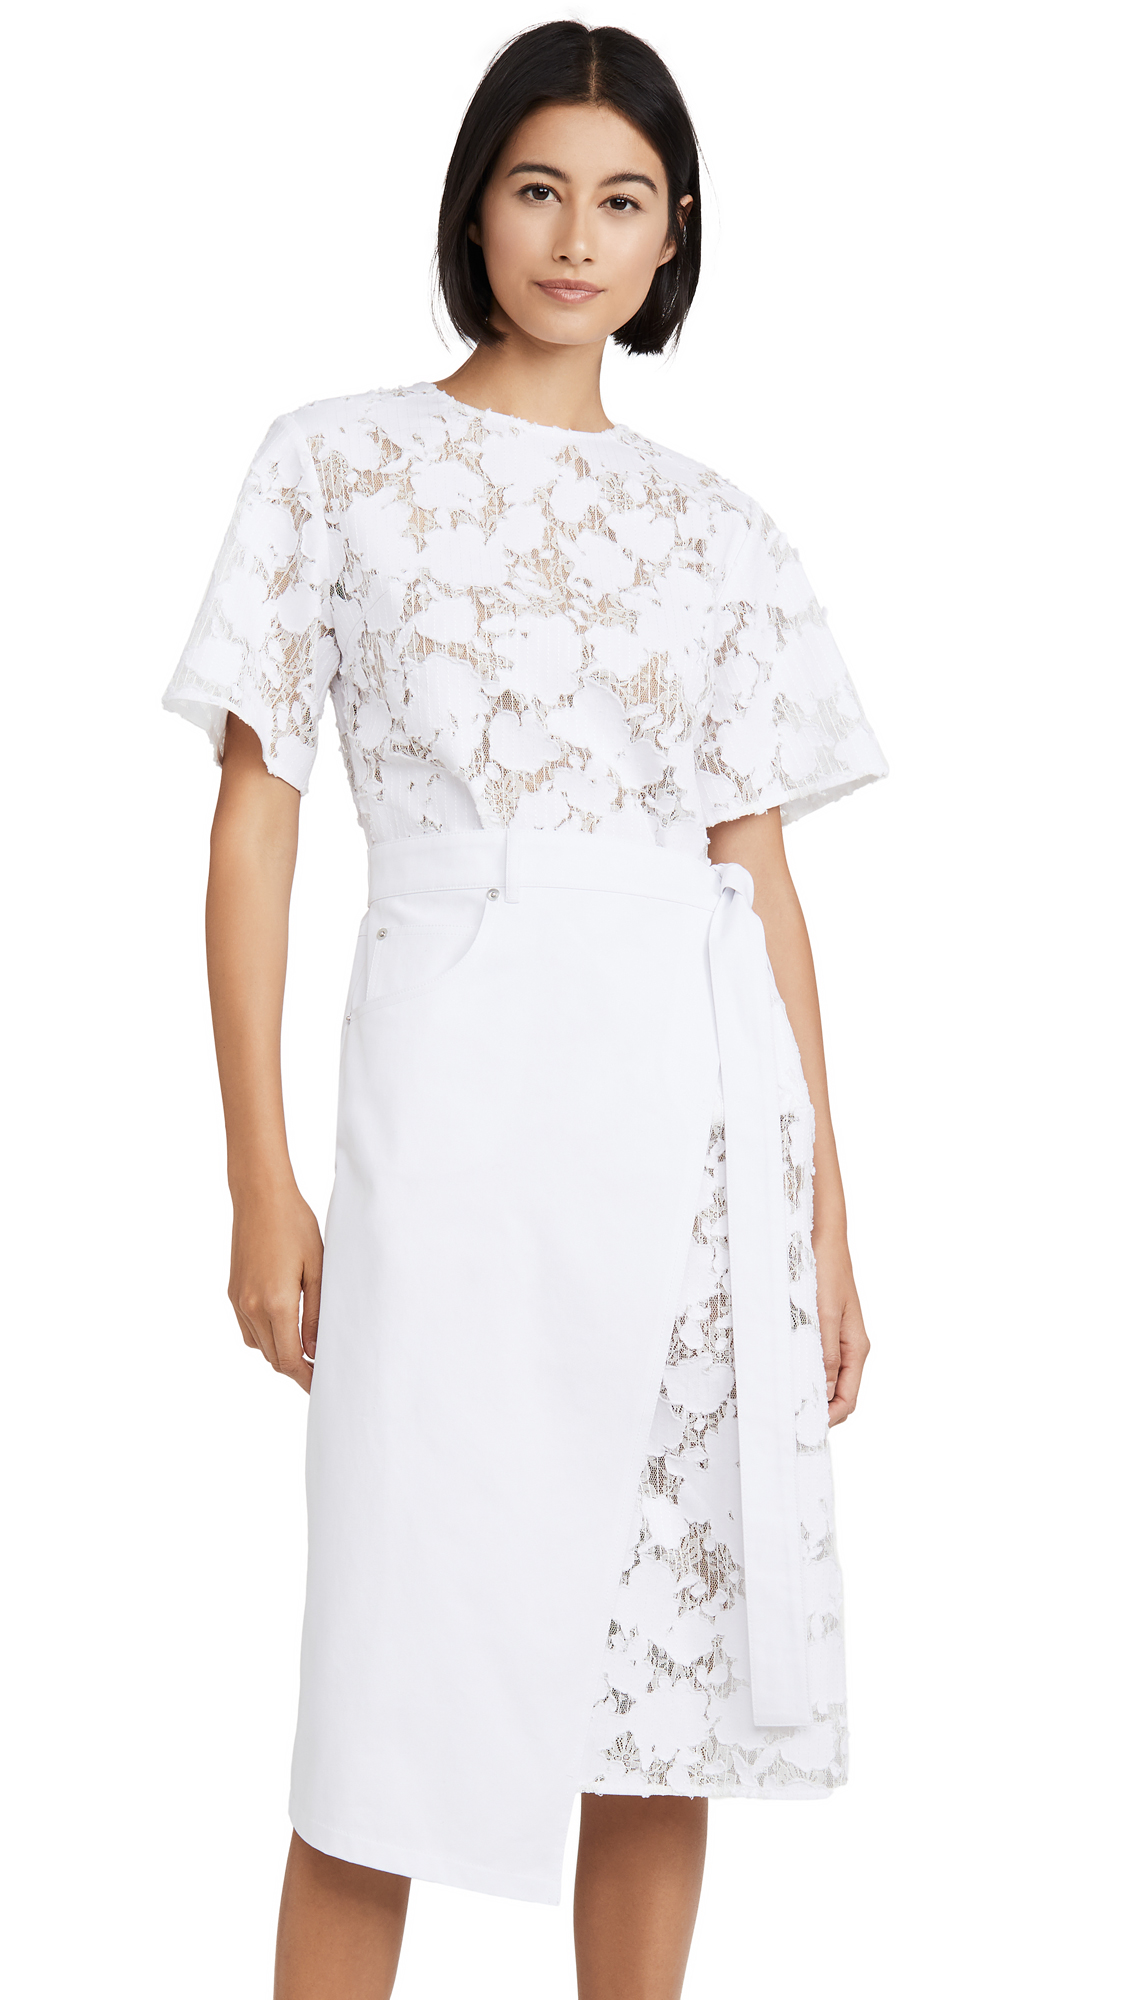 GOEN.J Burnout Denim Lace Wrap Dress - 40% Off Sale